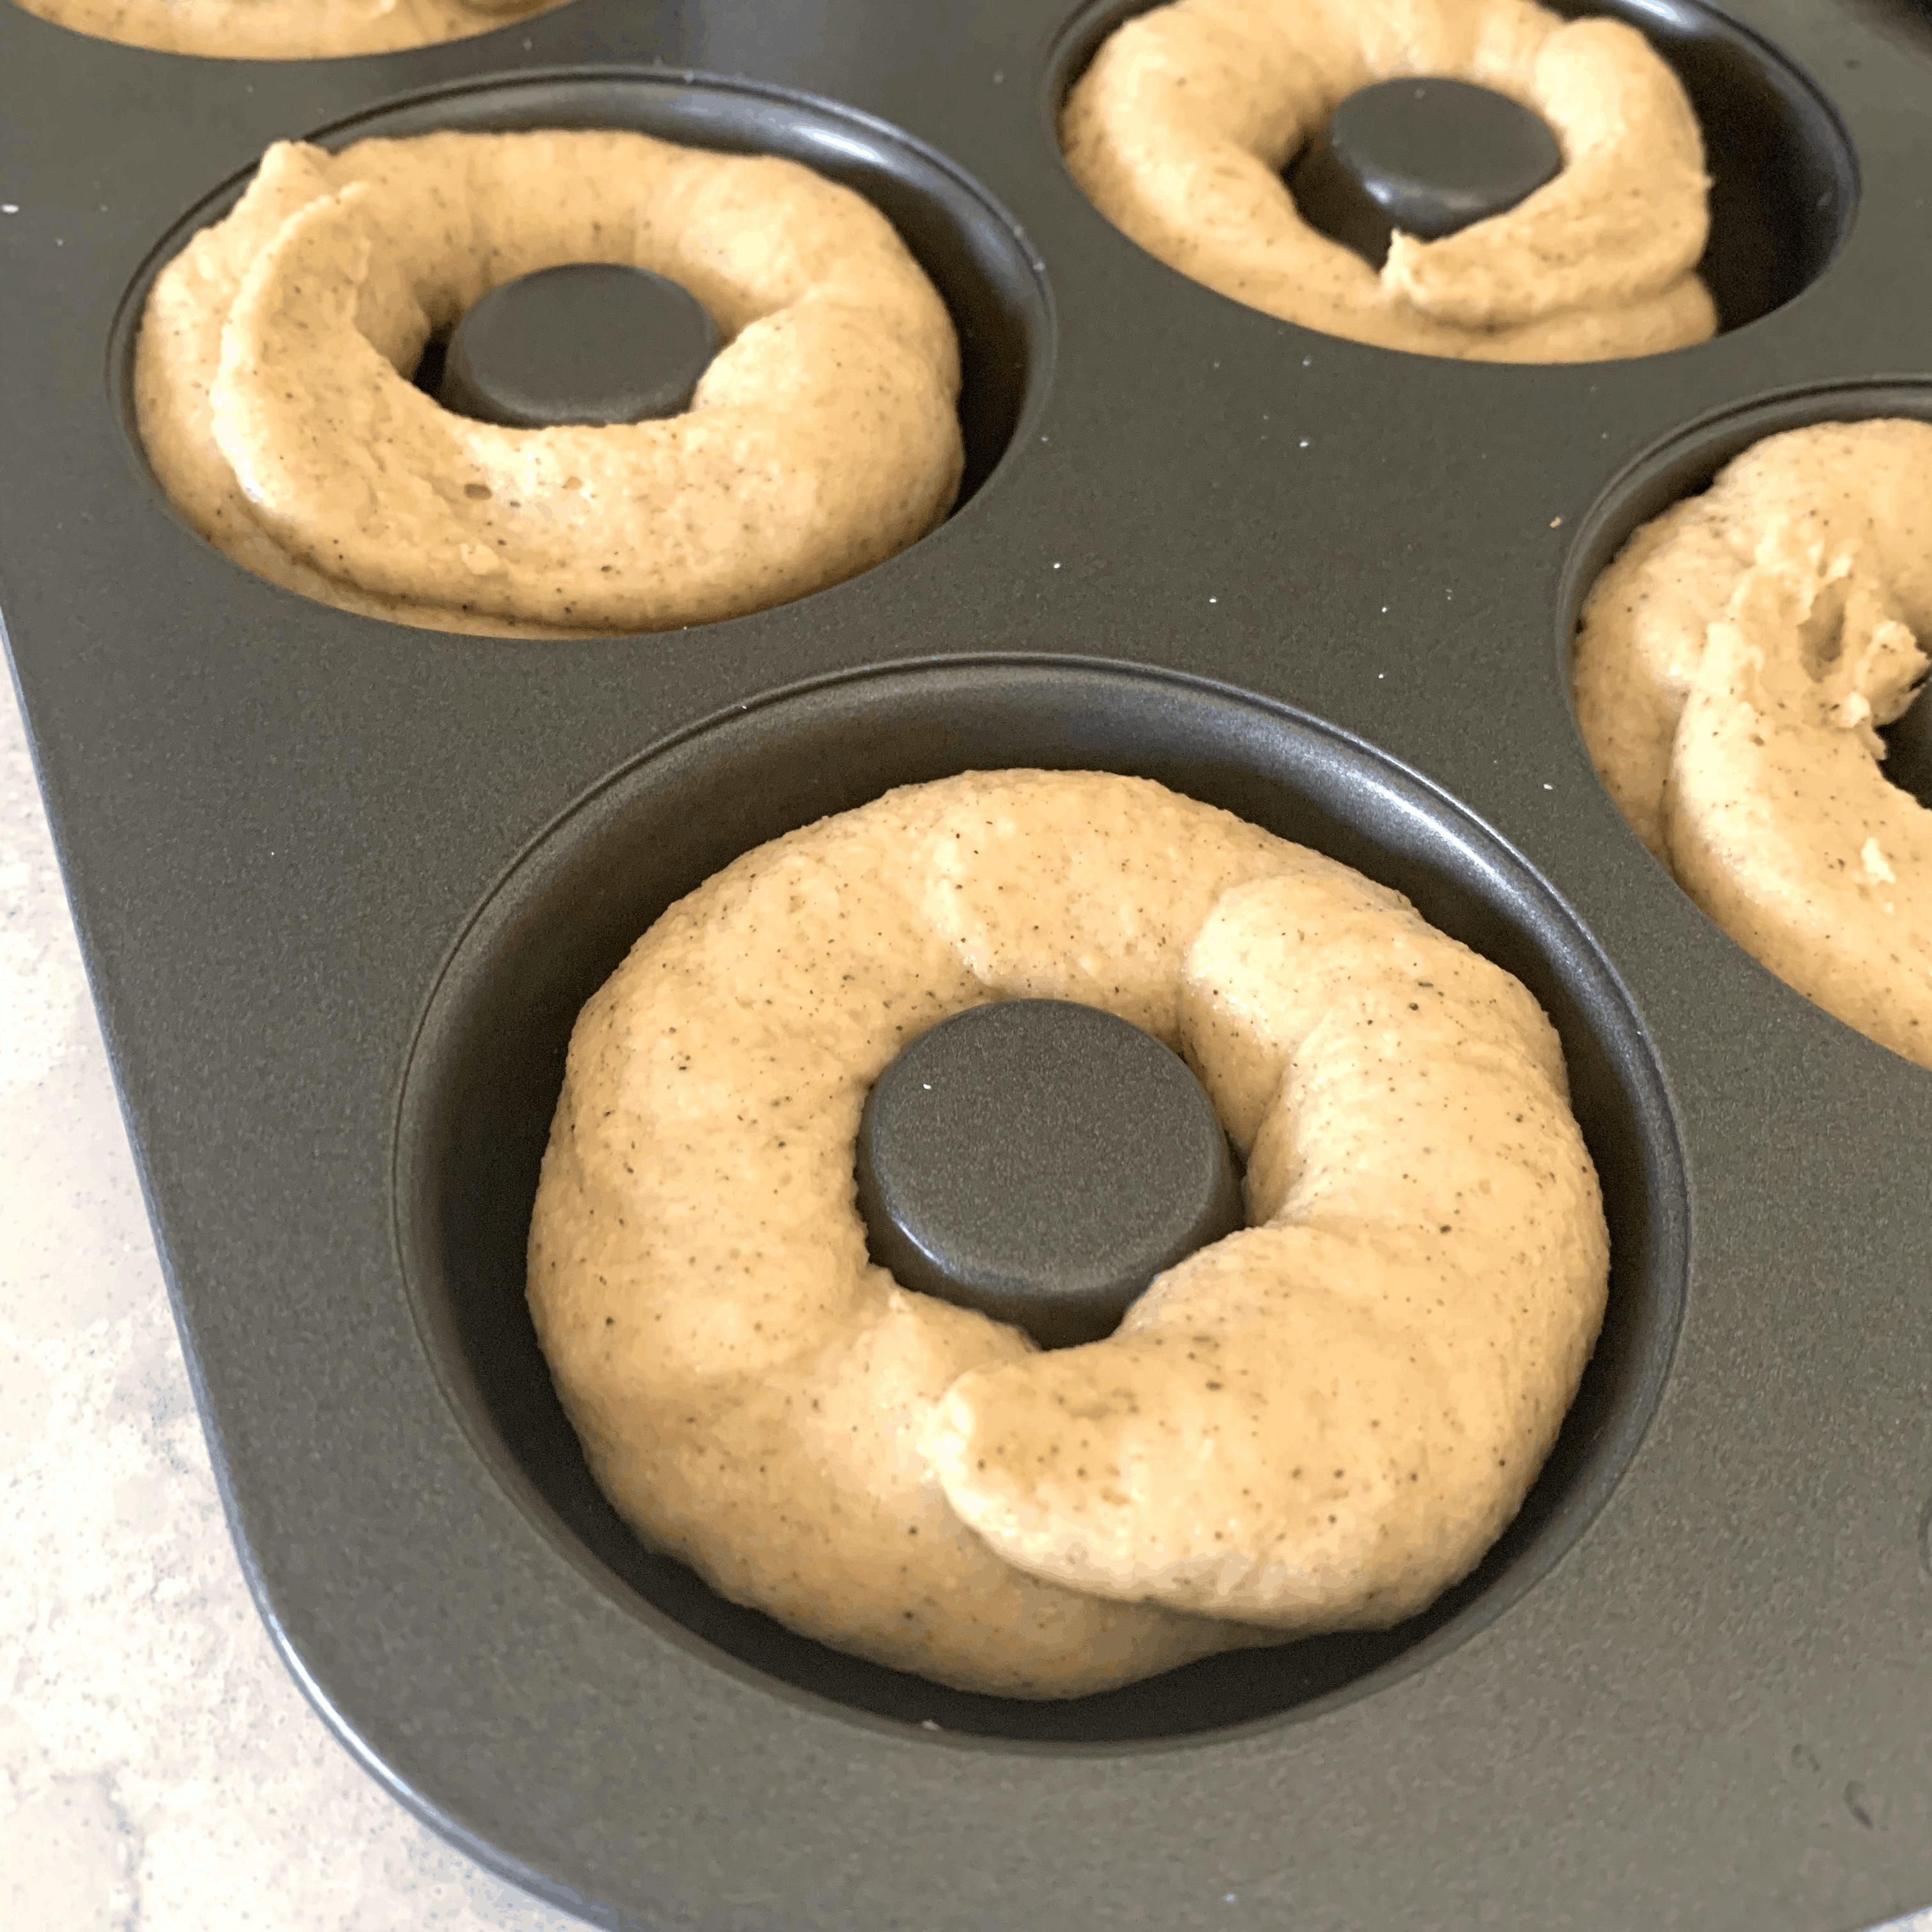 keto donut batter